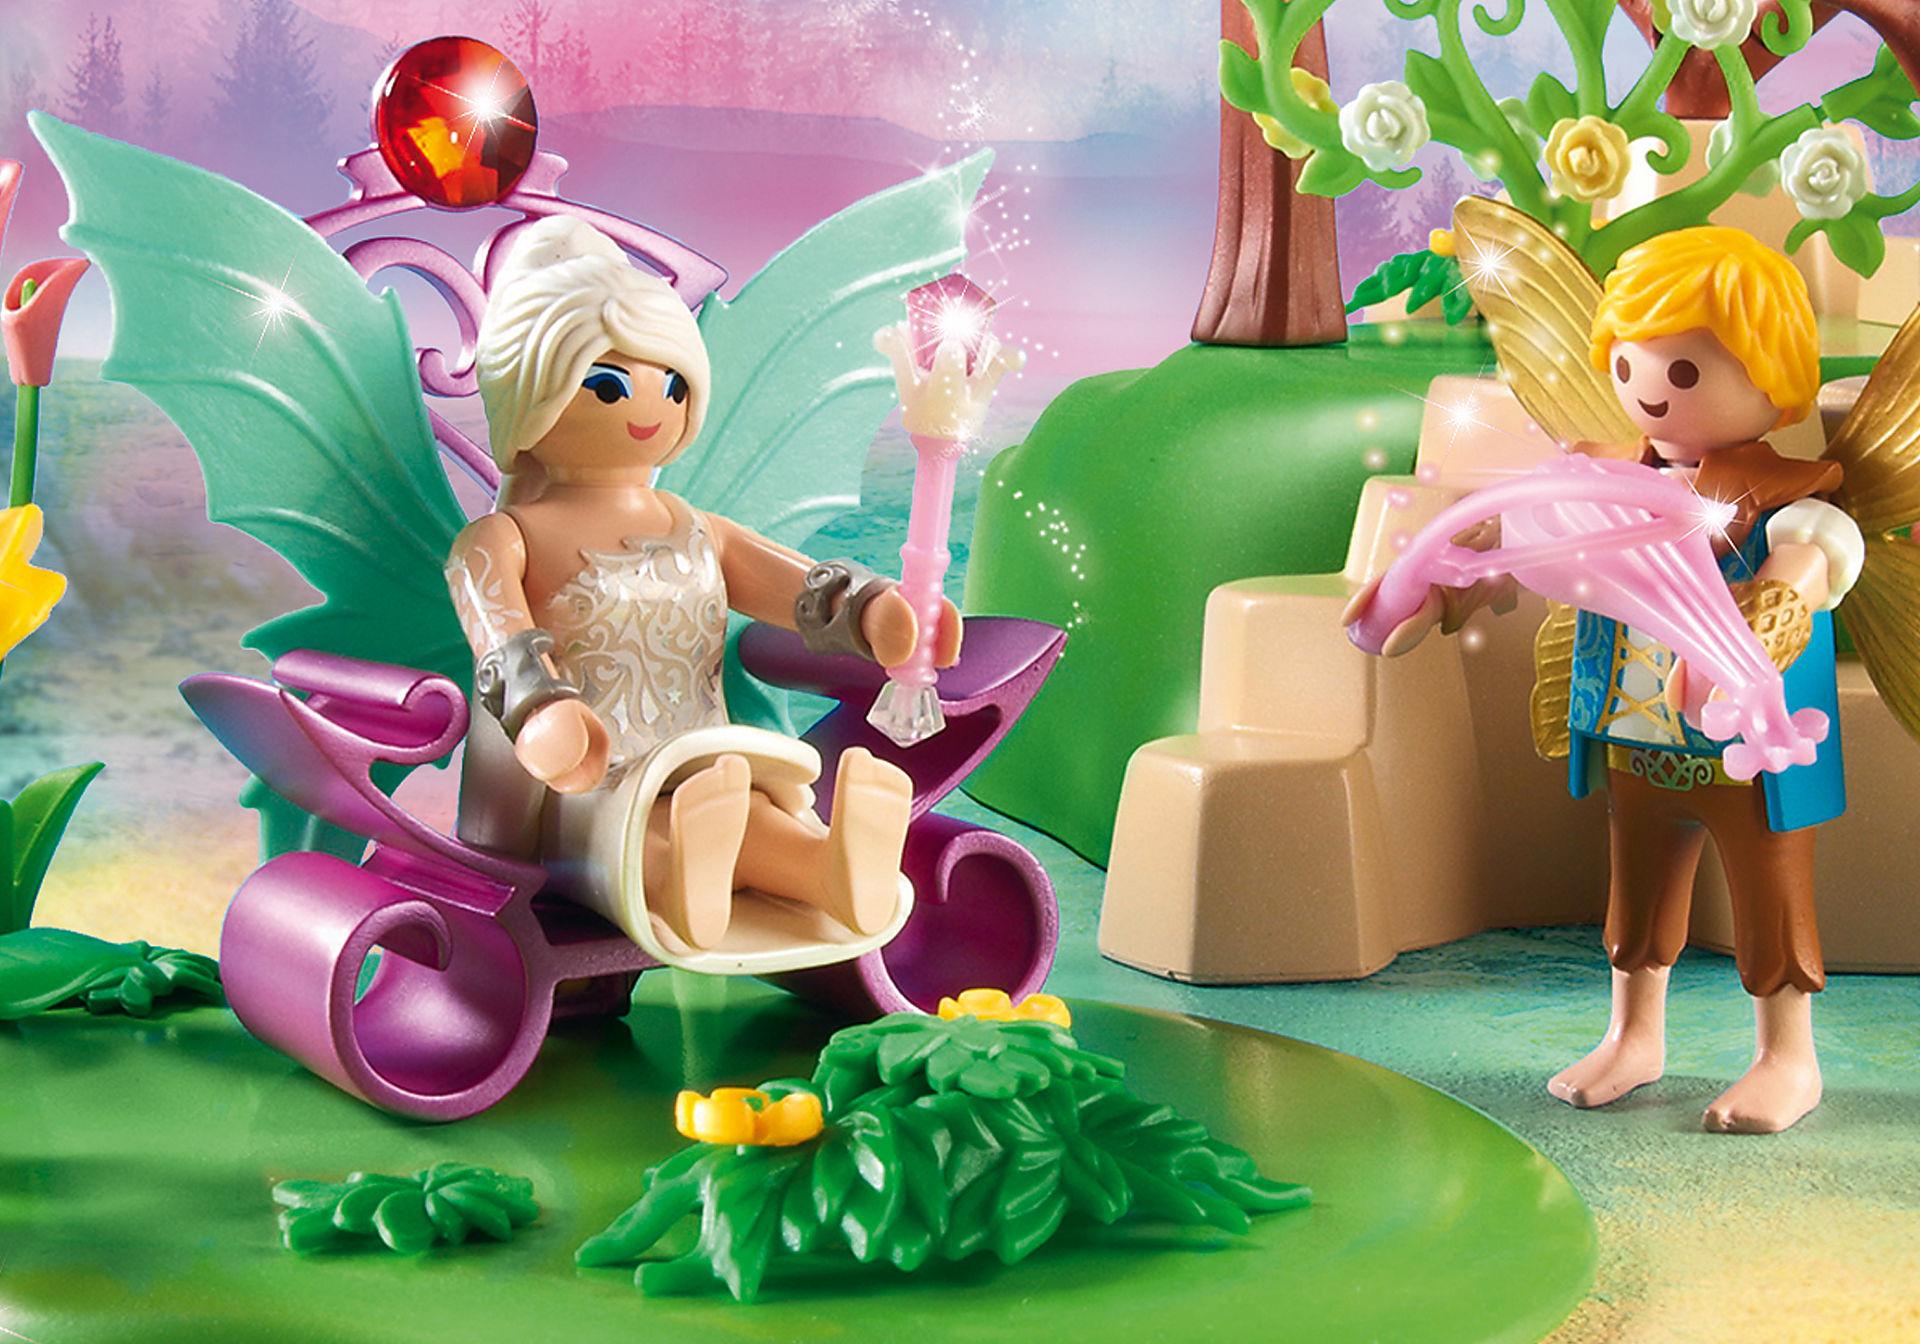 http://media.playmobil.com/i/playmobil/9132_product_extra6/Bosque Mágico de las Hadas